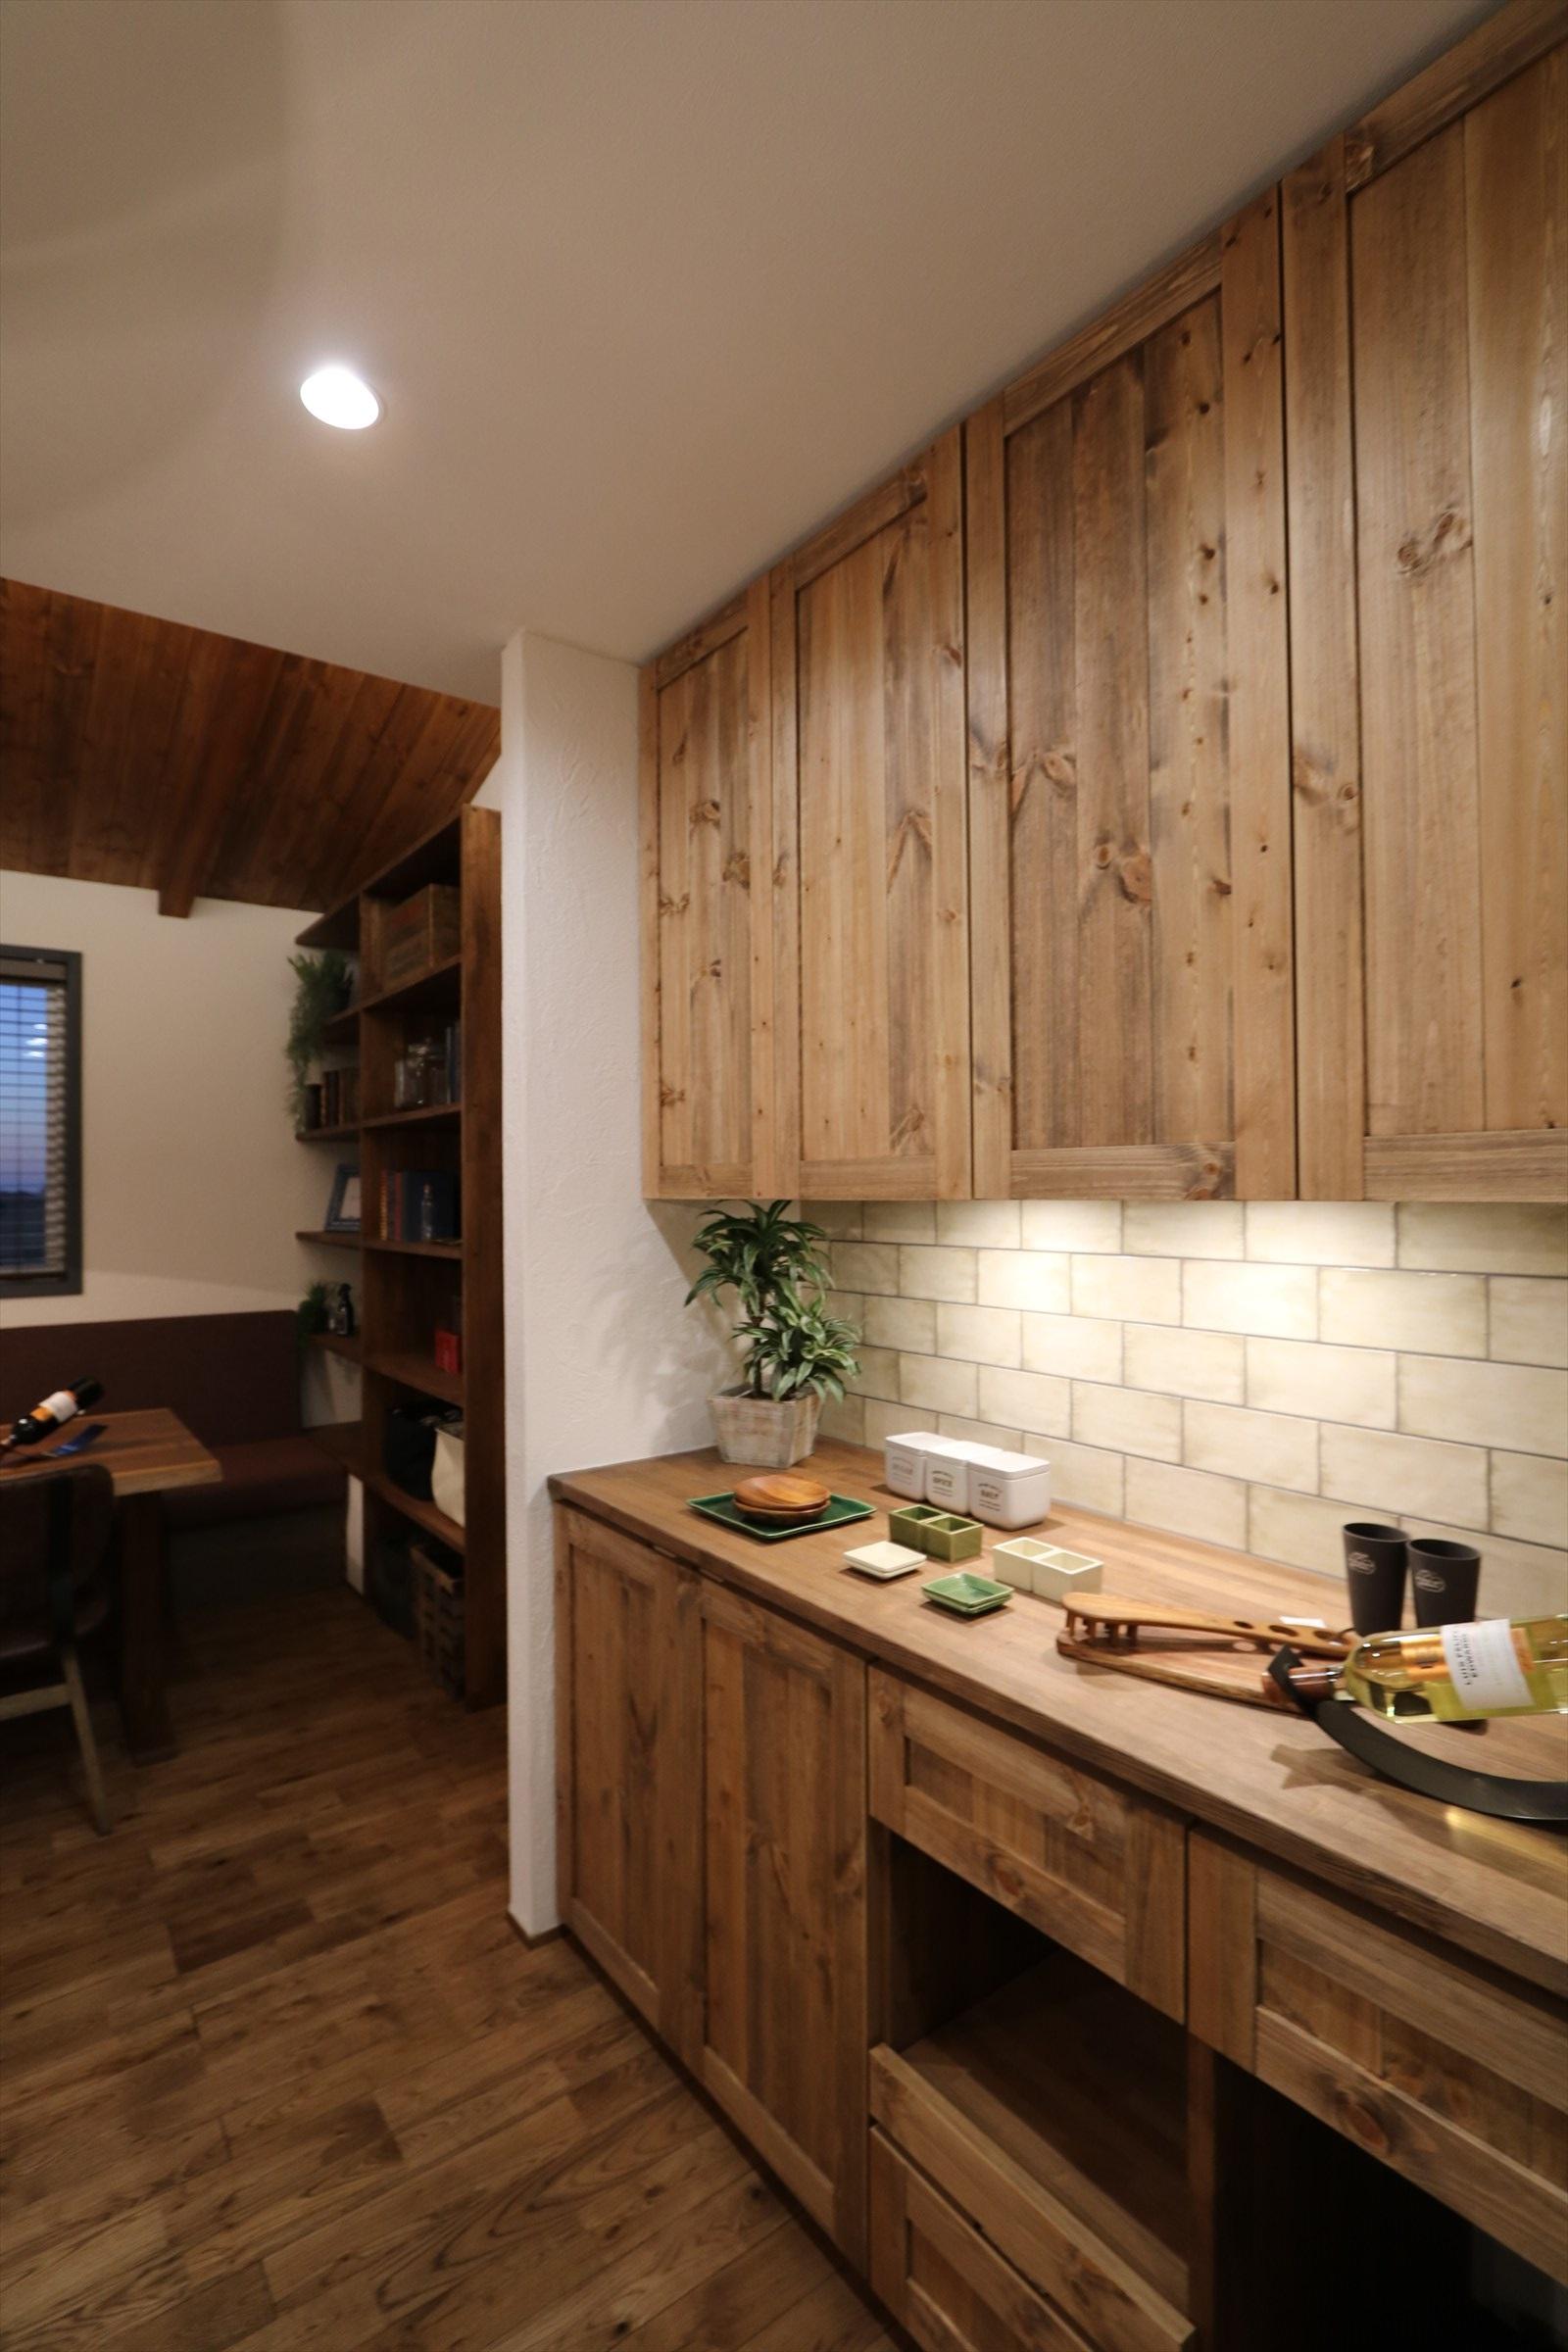 大人ビンテージな家|石川県金沢市の注文住宅・デザイン性・新築の家・戸建て|E-HOUSE